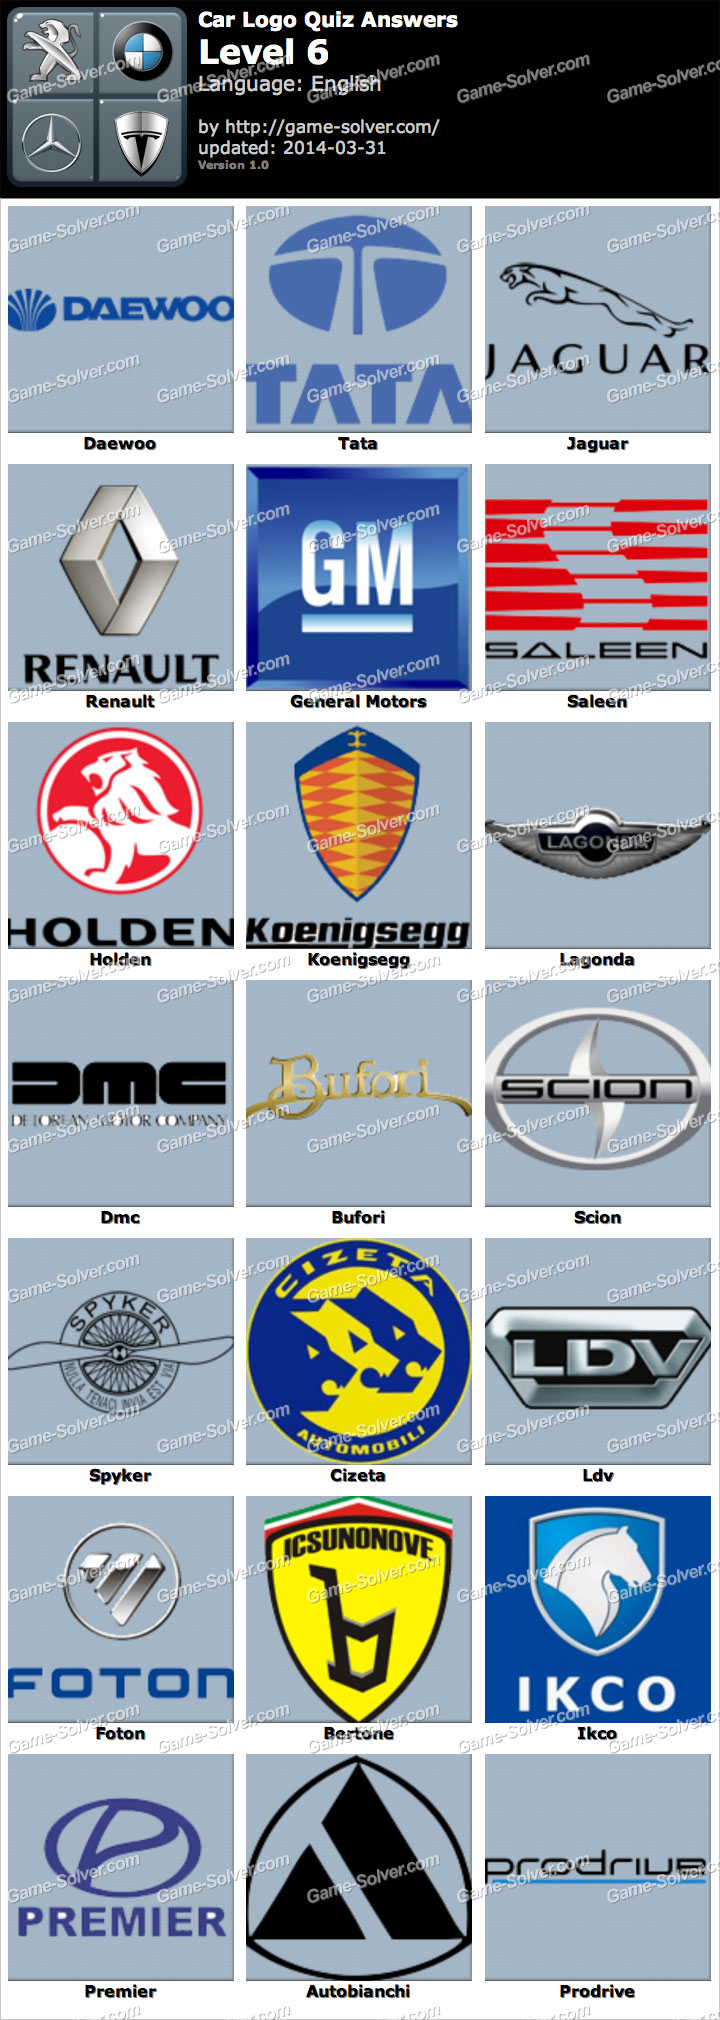 Car Logo Quiz Level 6 - Game Solver